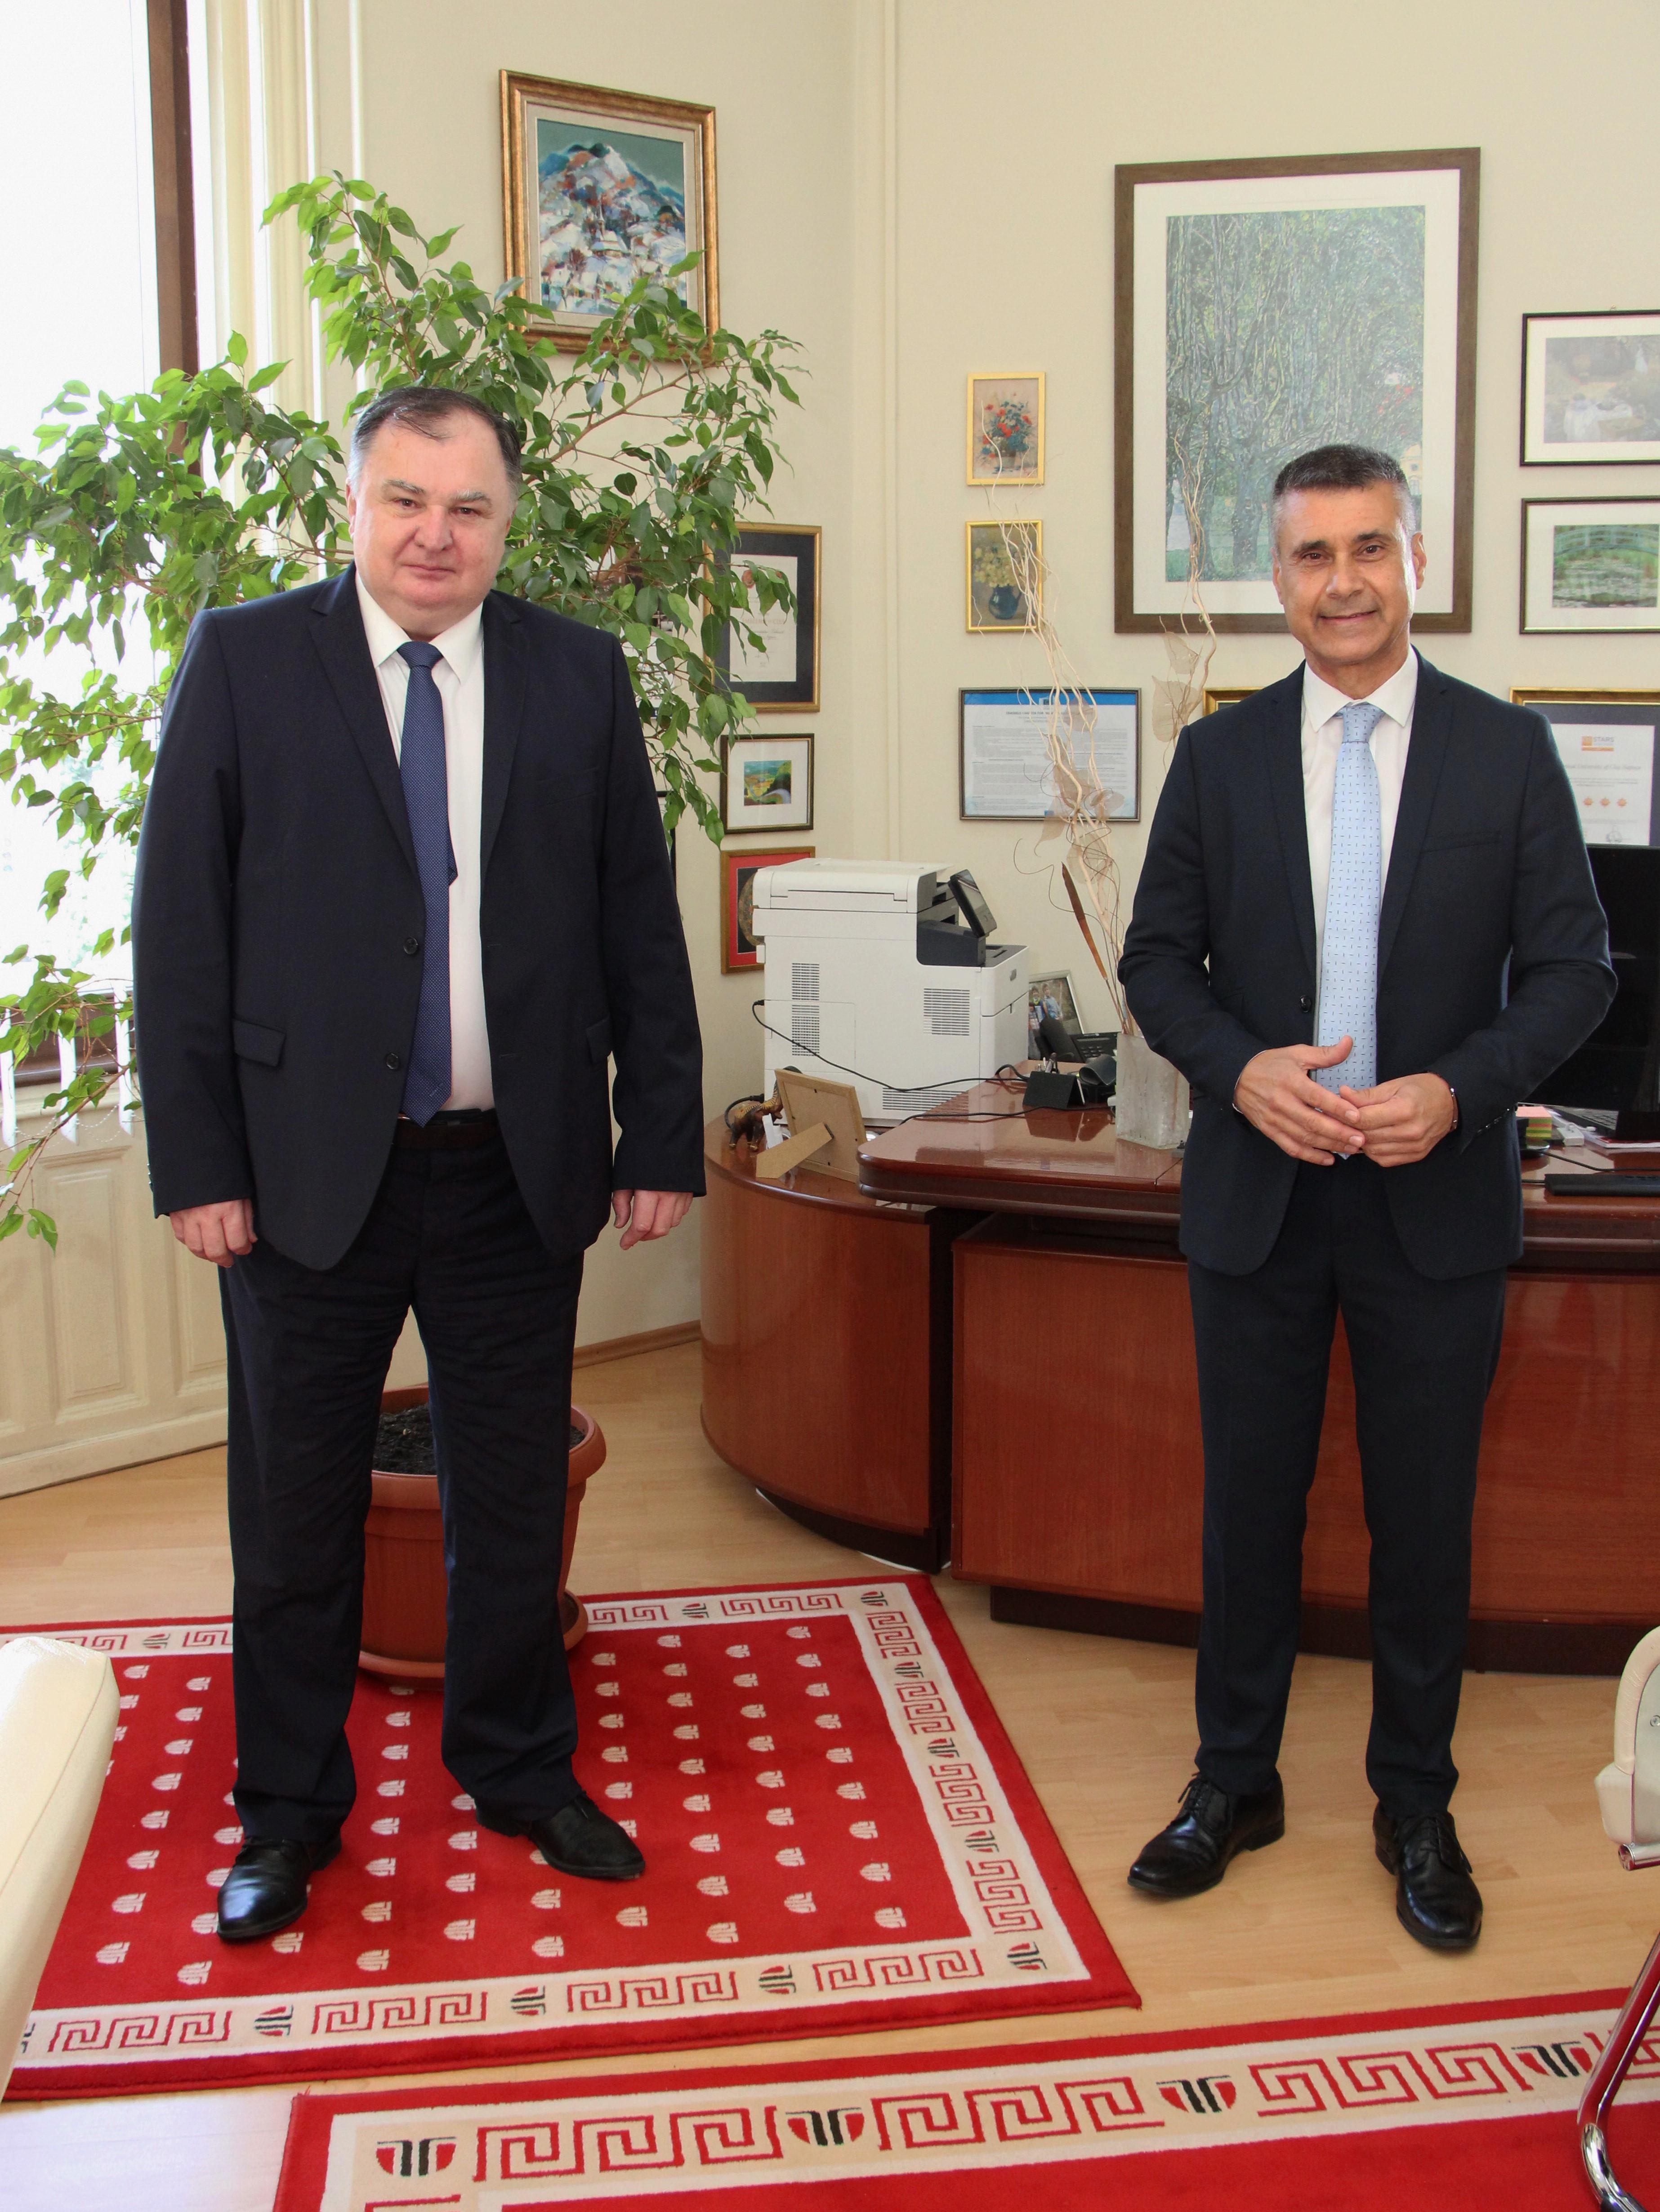 excelența sa, ambasadorul israelului în românia, domnul david saranga, în vizită la utcn